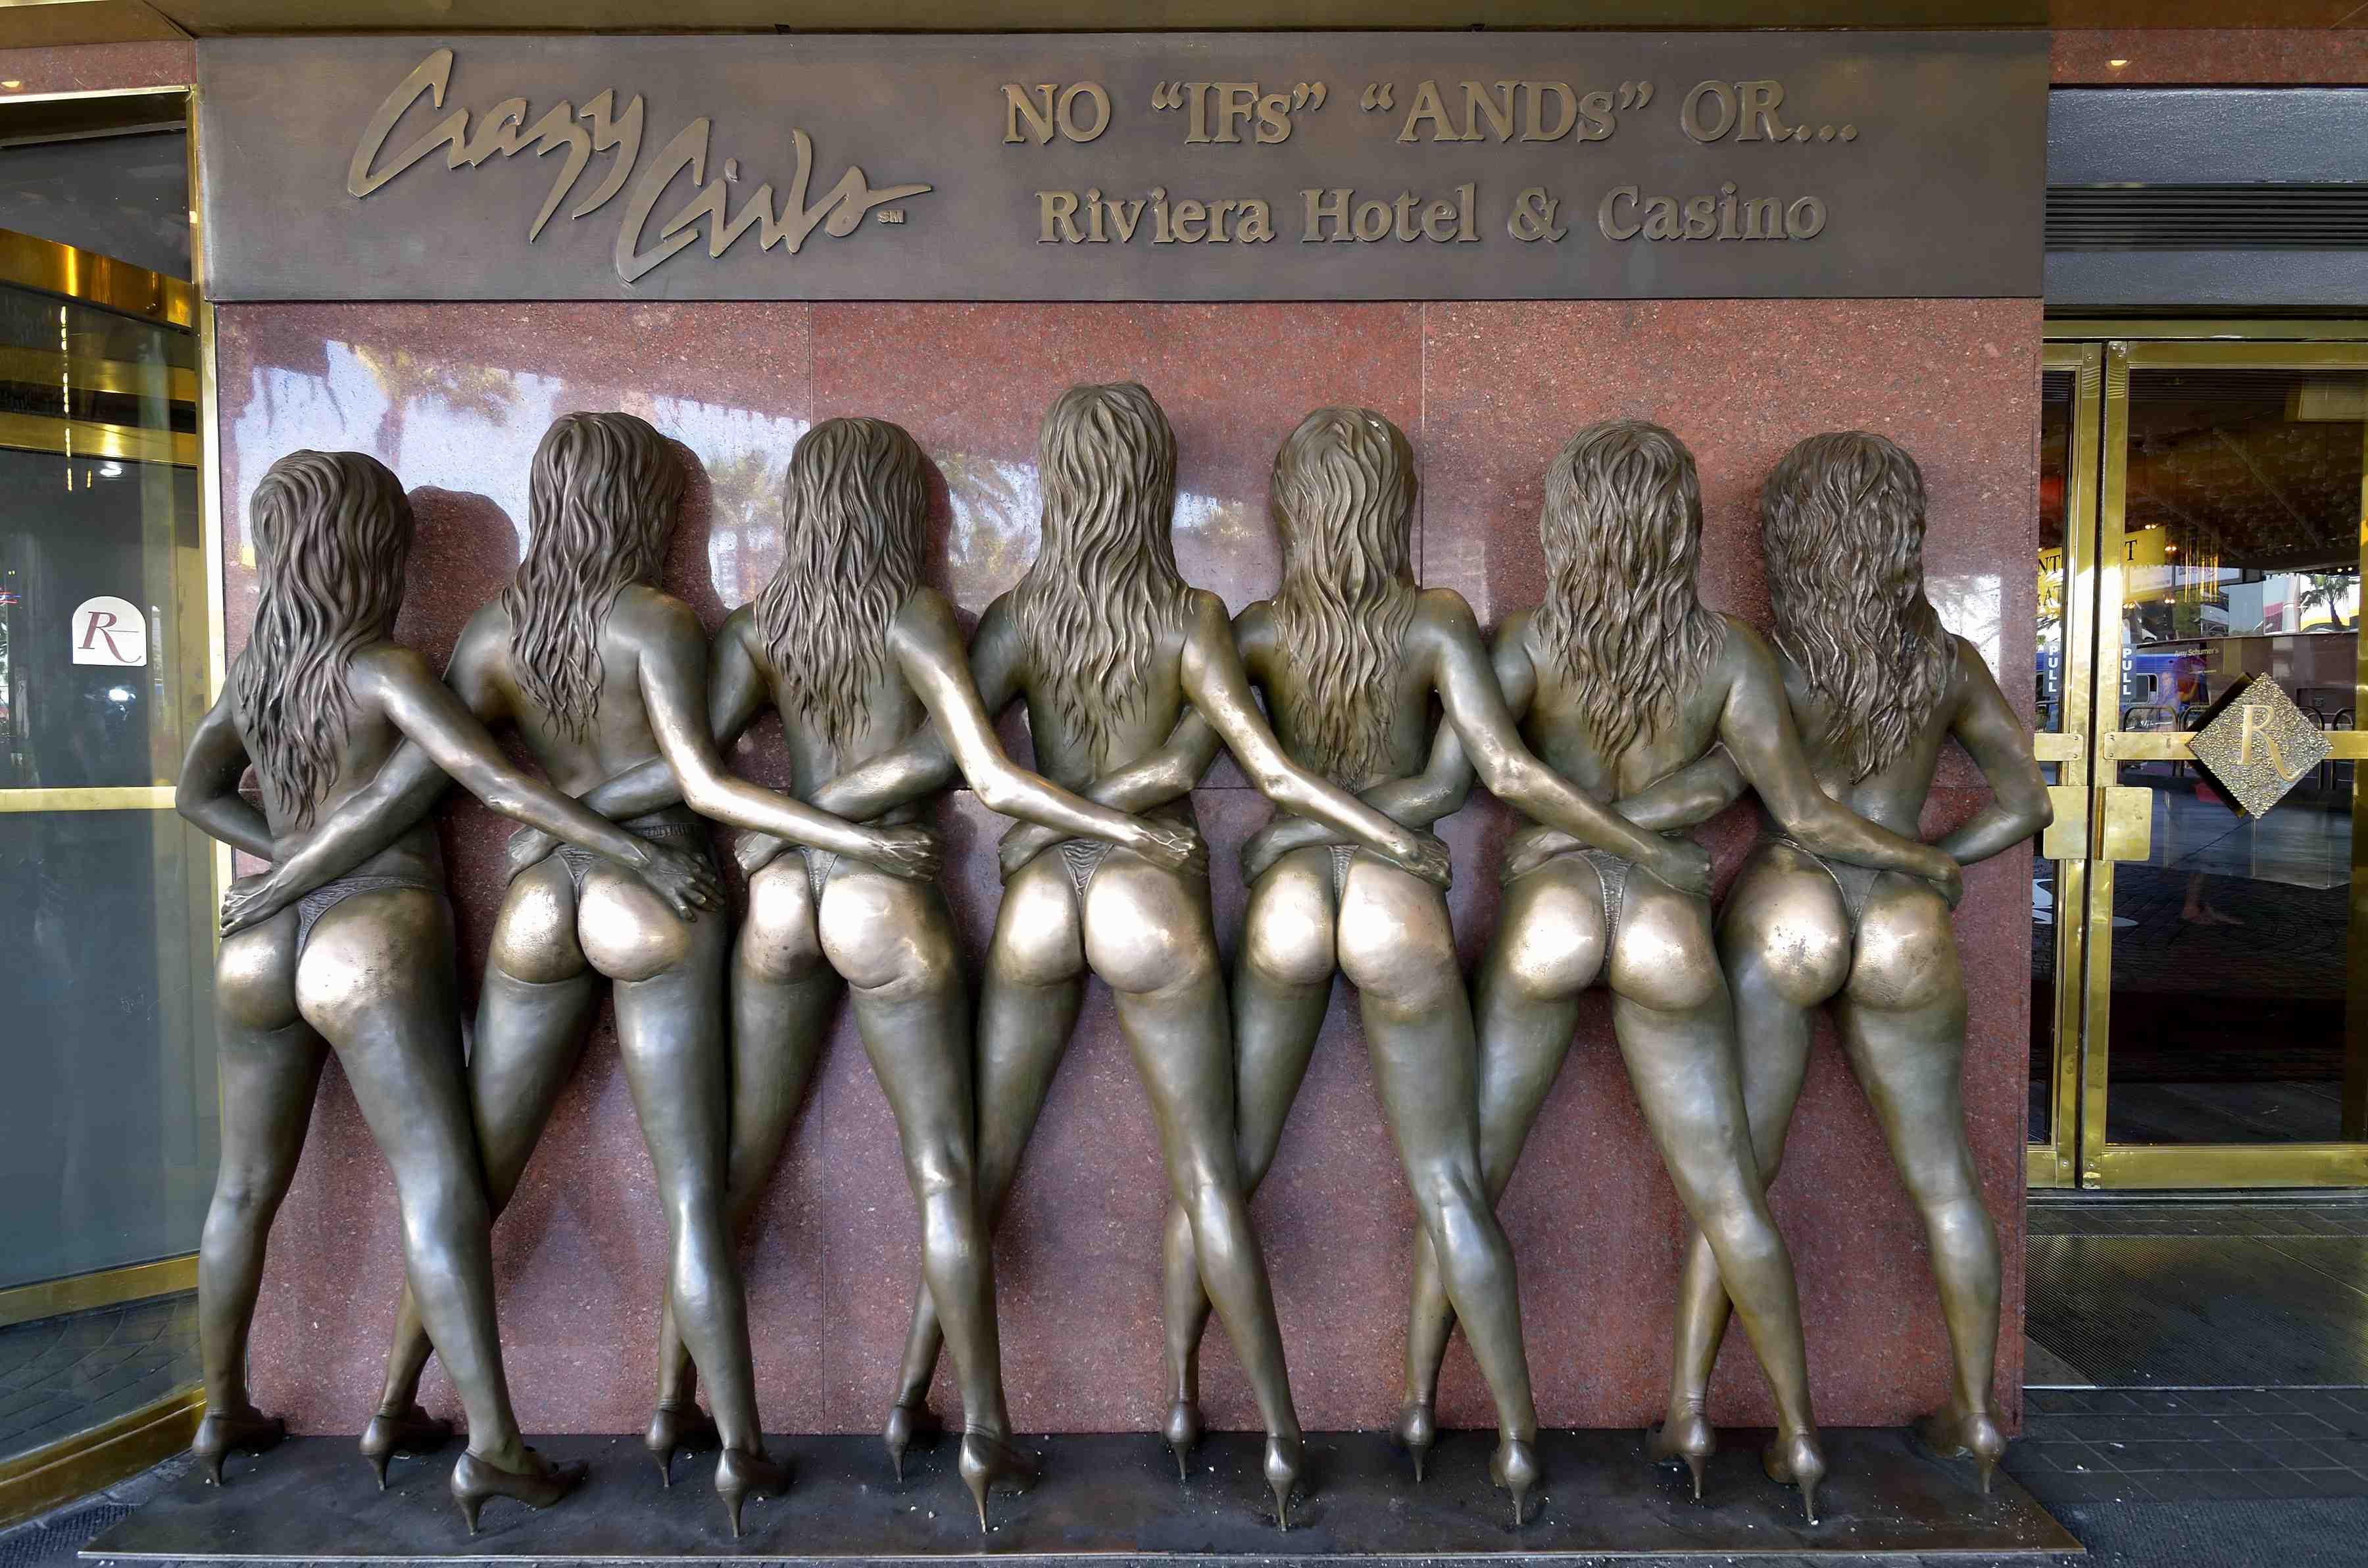 10 αγάλματα που οι άνθρωποι αρέσκονται να αγγίζουν σε ακατάλληλα σημεία